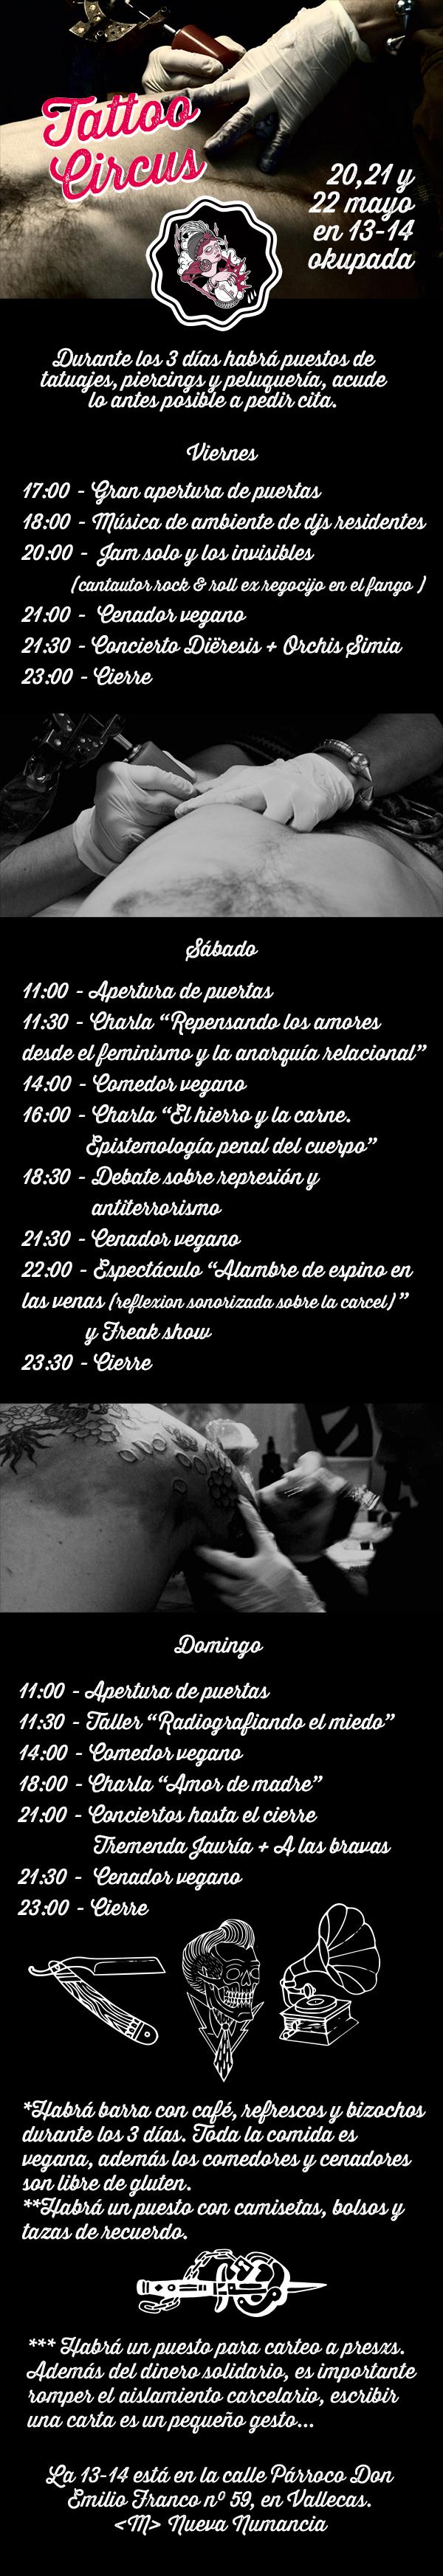 iv_tattoo_circus_horario